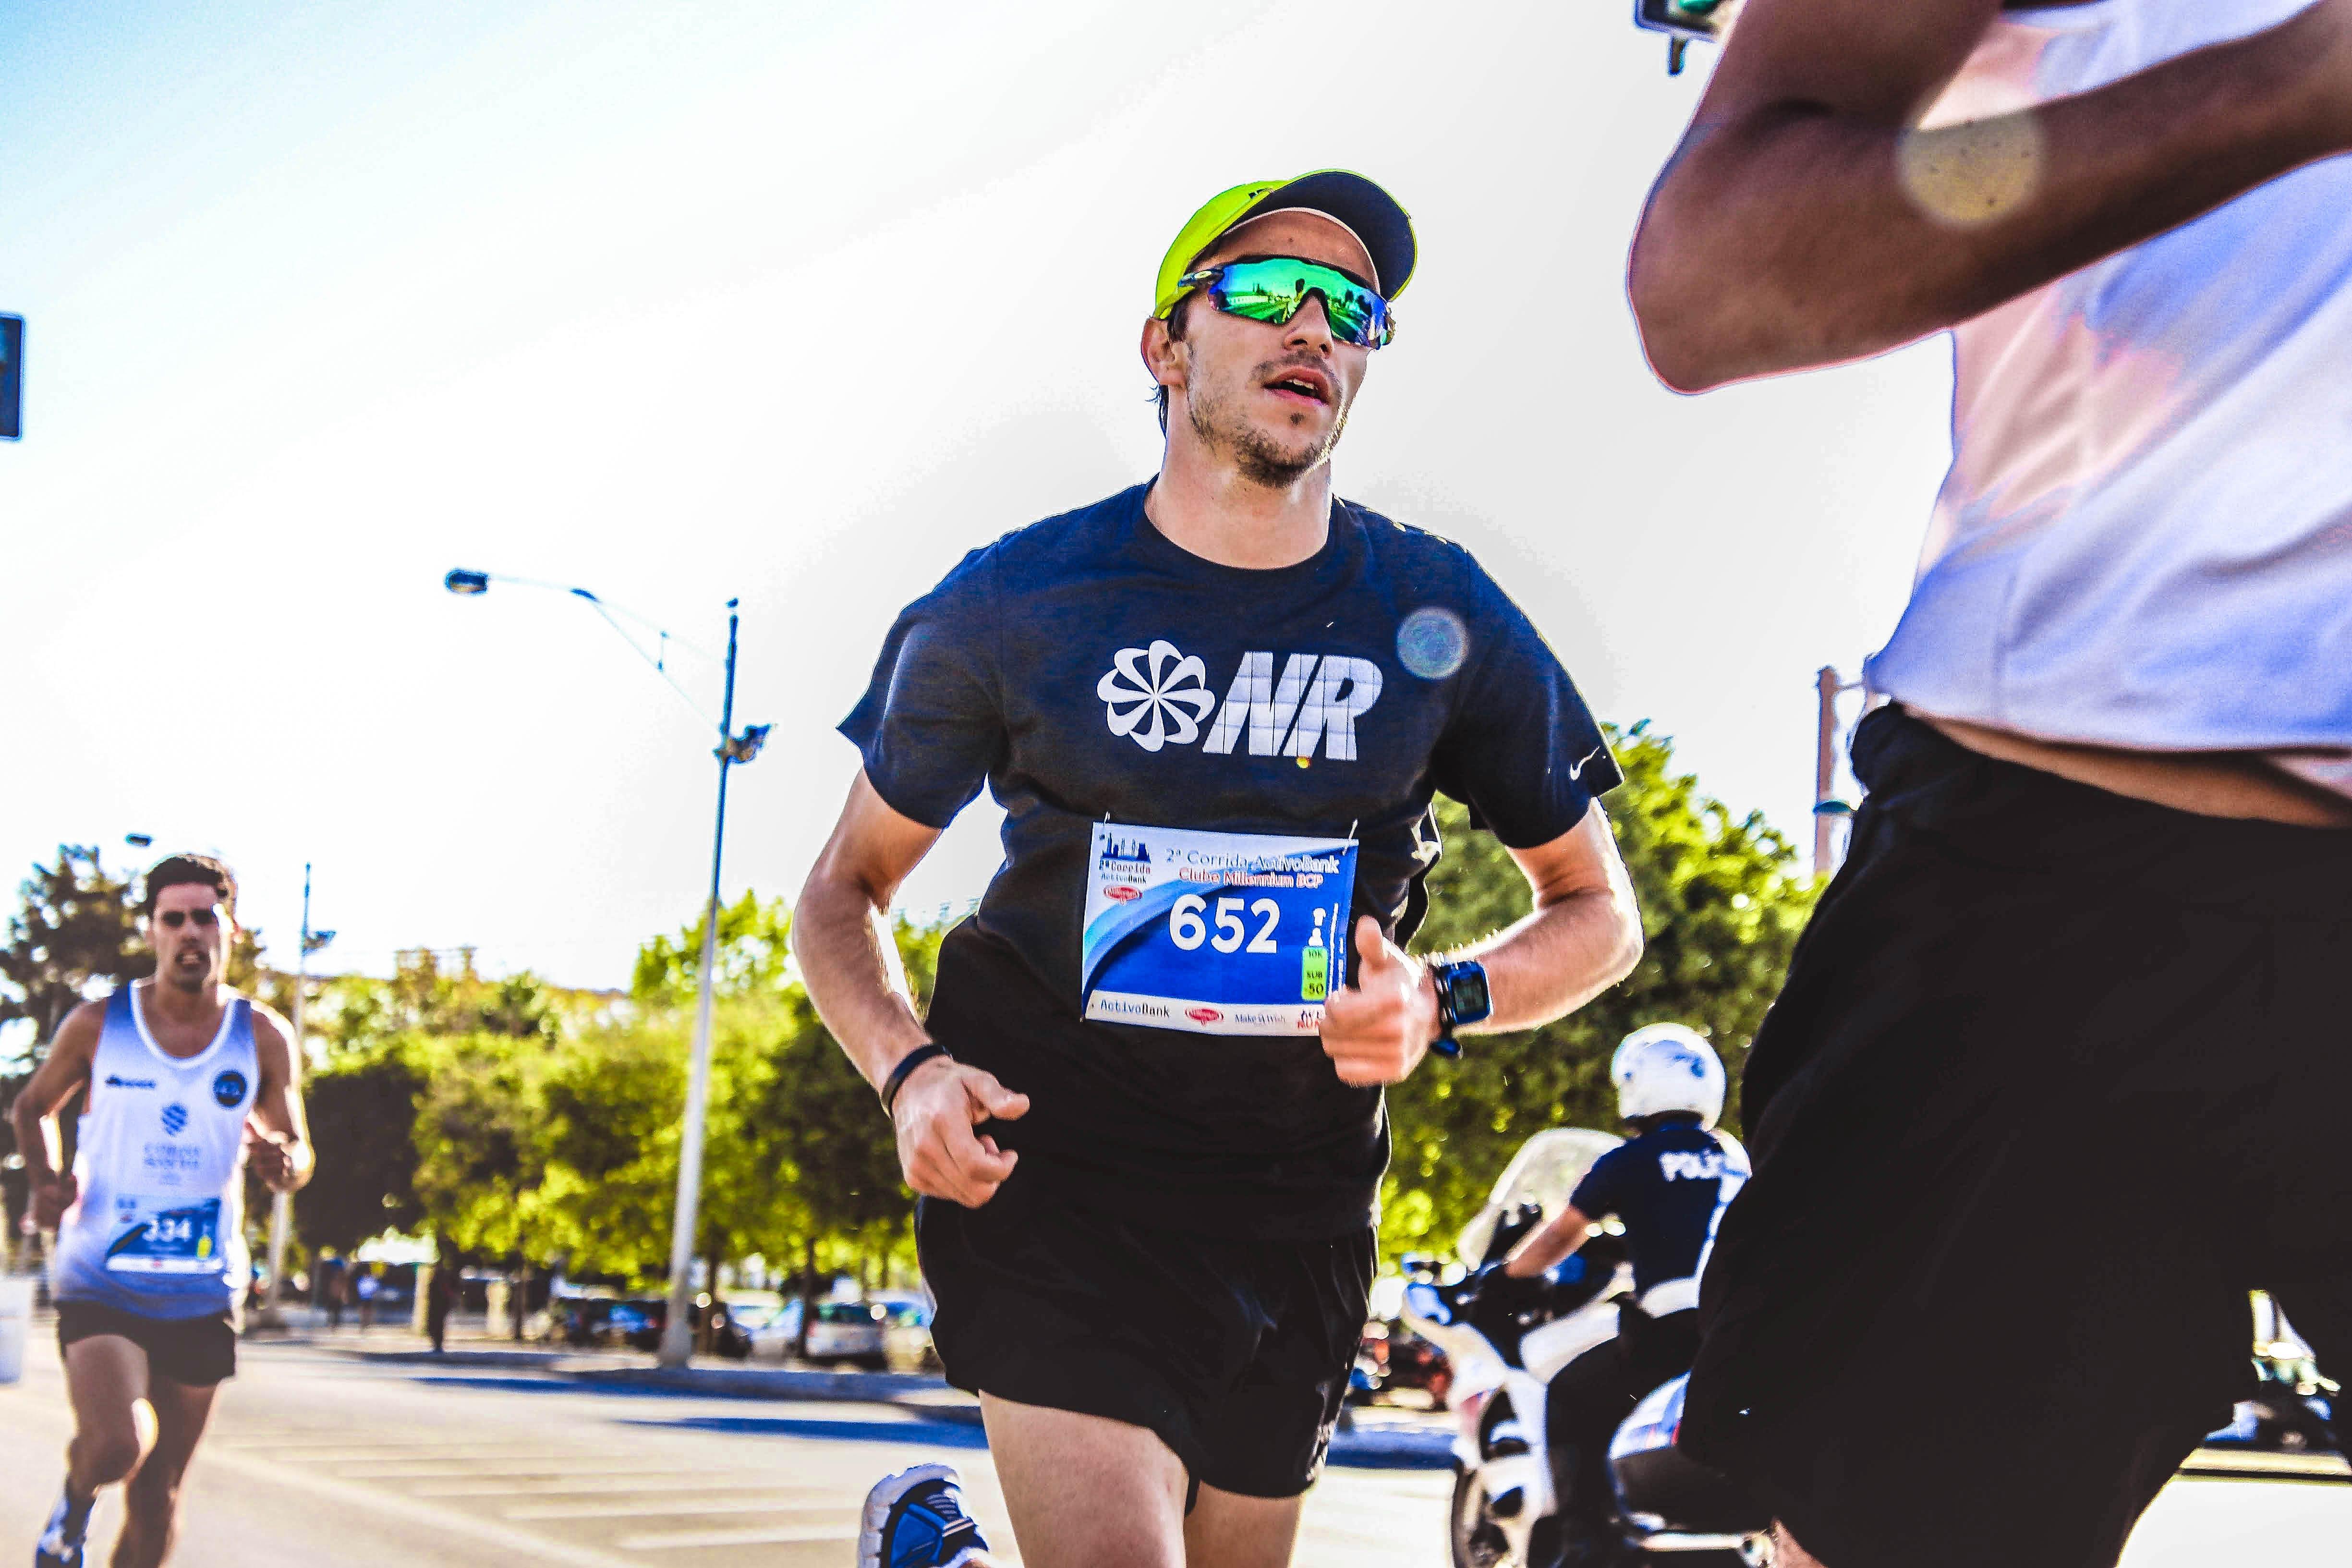 마라톤, 사람, 스포츠, 에너지의 무료 스톡 사진